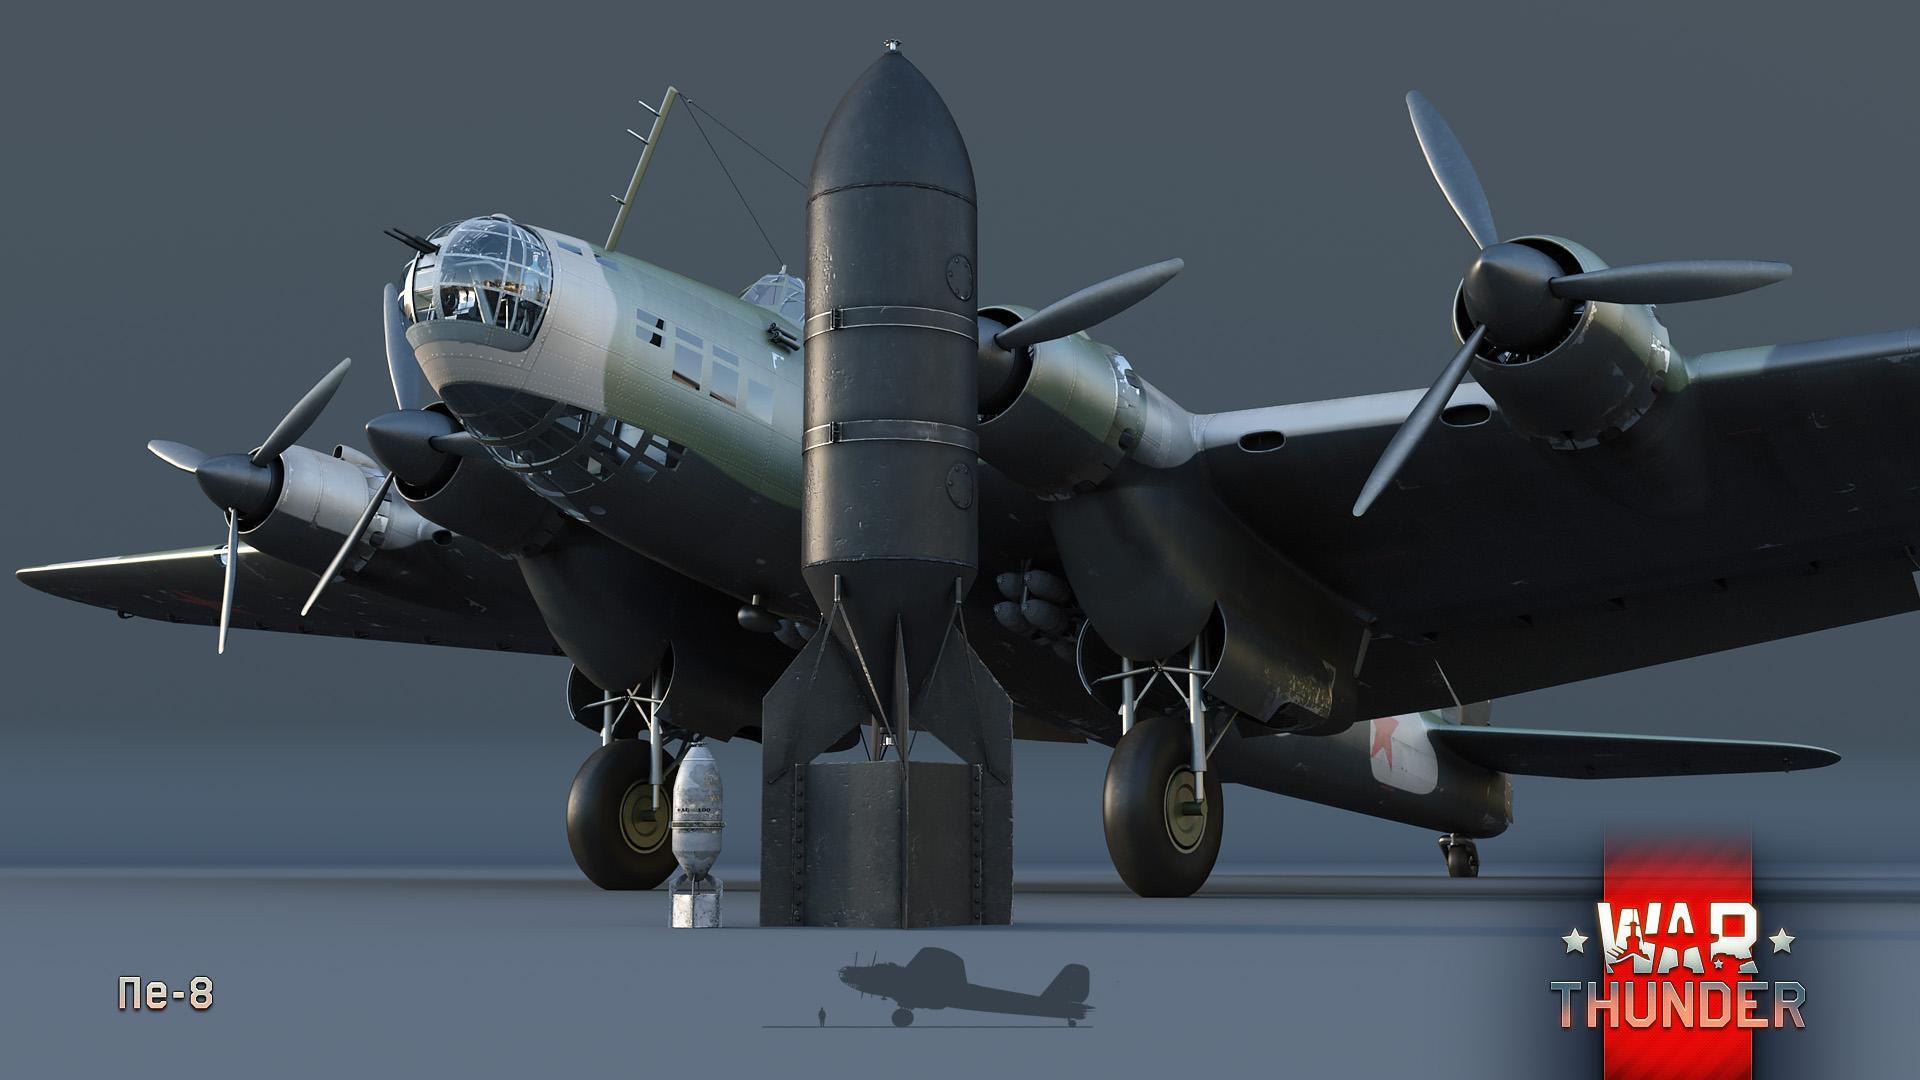 вар тандер американские бомбардировщики